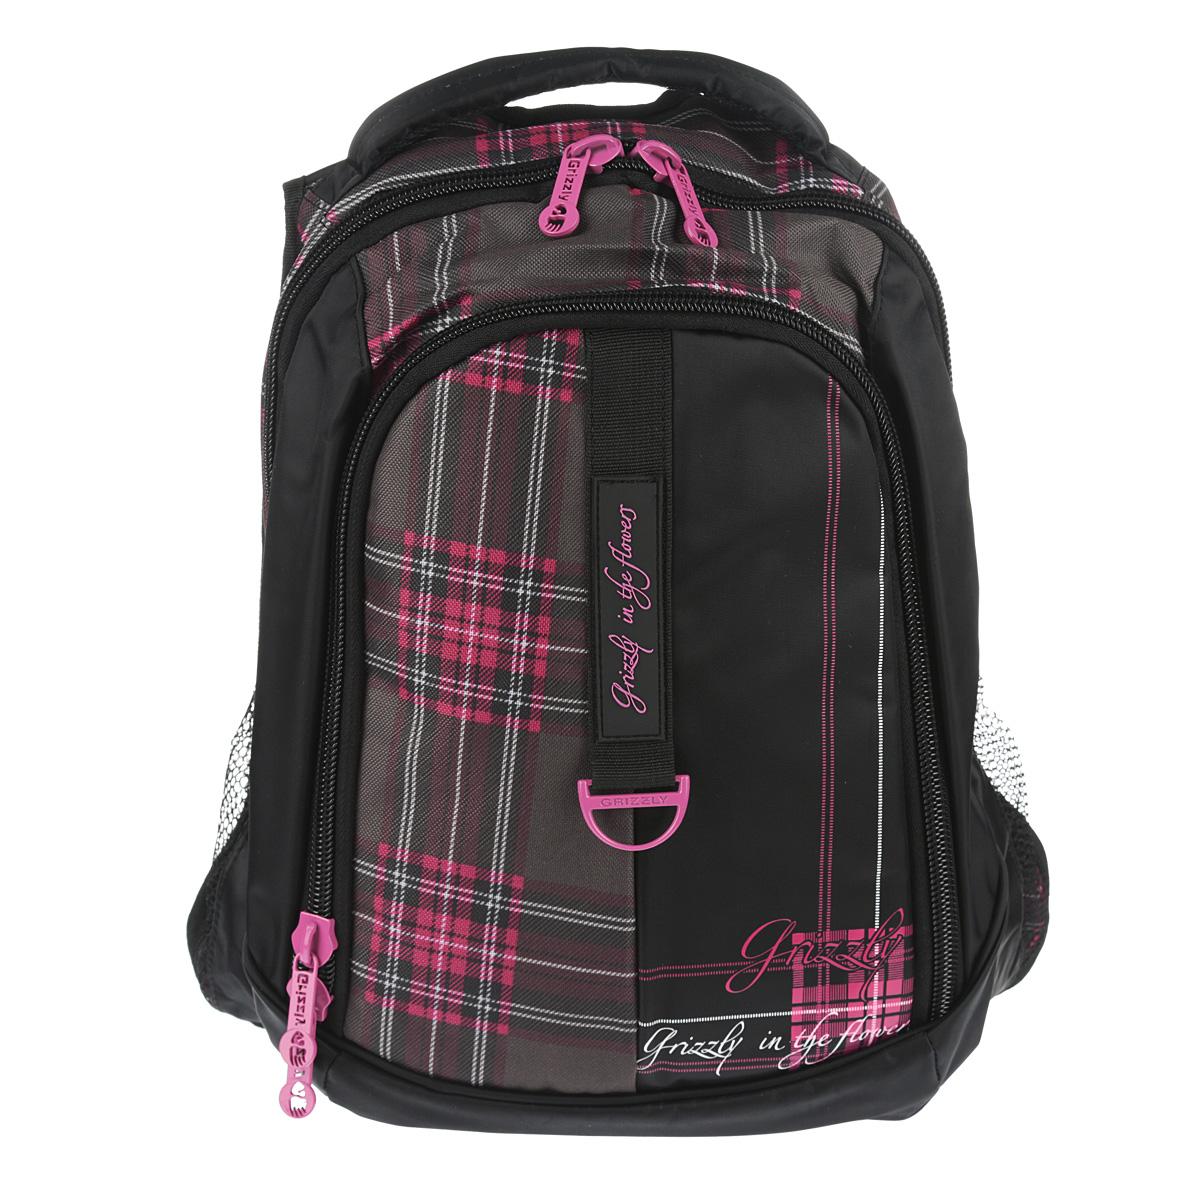 Рюкзак городской Grizzly, цвет: клетка фуксия, 24 л. RD-521-1/6RD-521-1/6Рюкзак с двумя отделениями, боковыми карманами с сеткой, карманом-пеналом, укрепленными лямками и спинкой